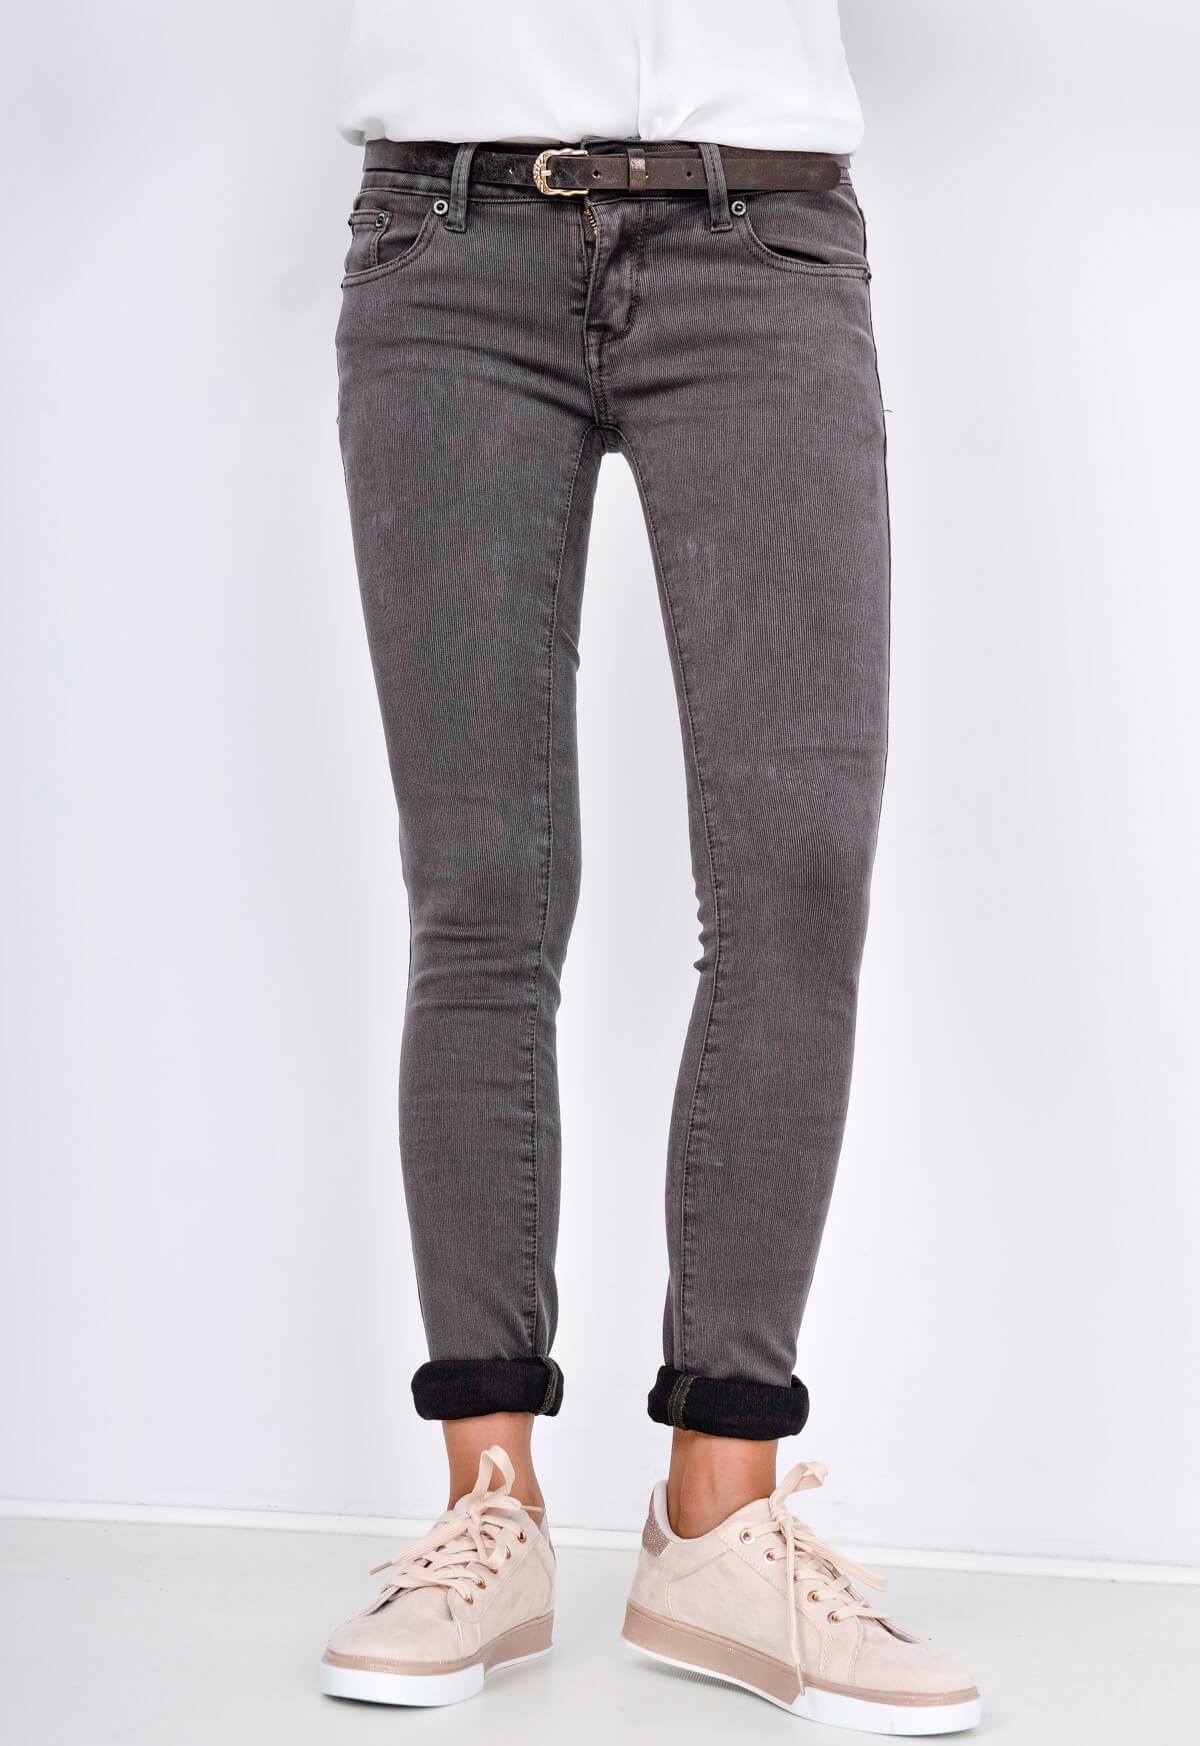 Dámské bokové cigaretové kalhoty v grafitové barvě s opaskem - Tmavě šedá/XXS/XS